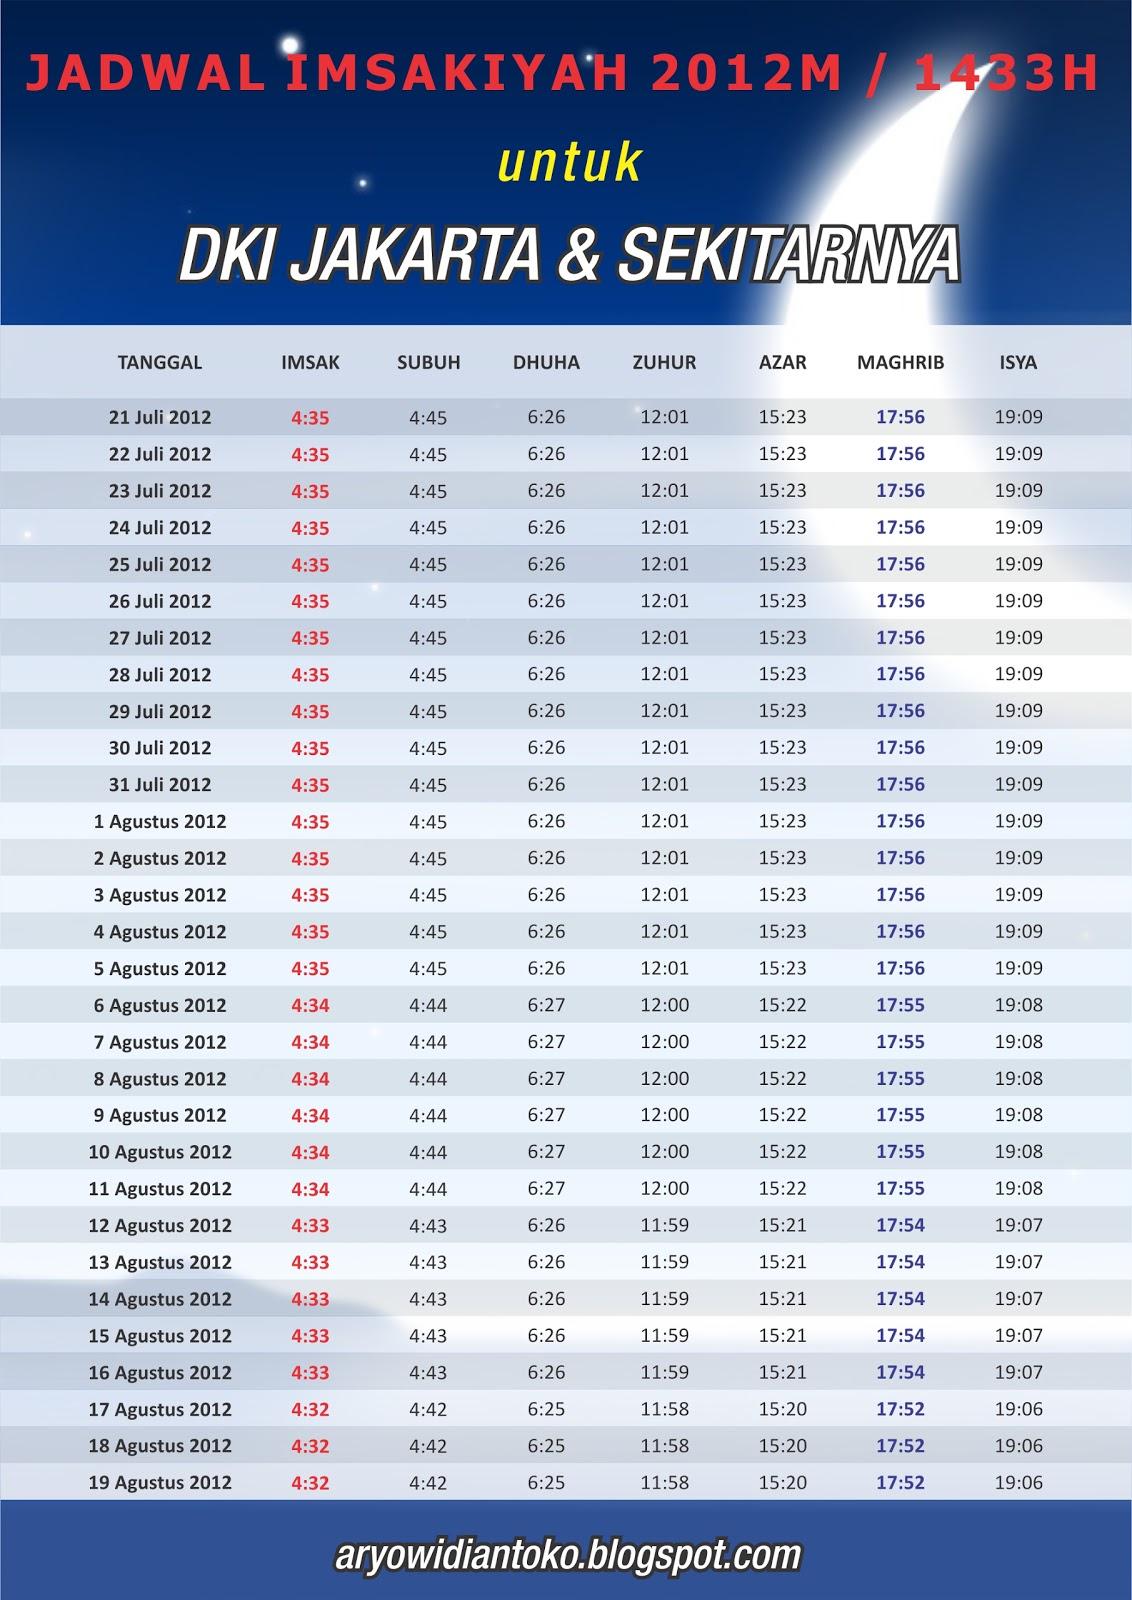 JADWAL IMSAKIYAH 1433 H JAKARTA PDF